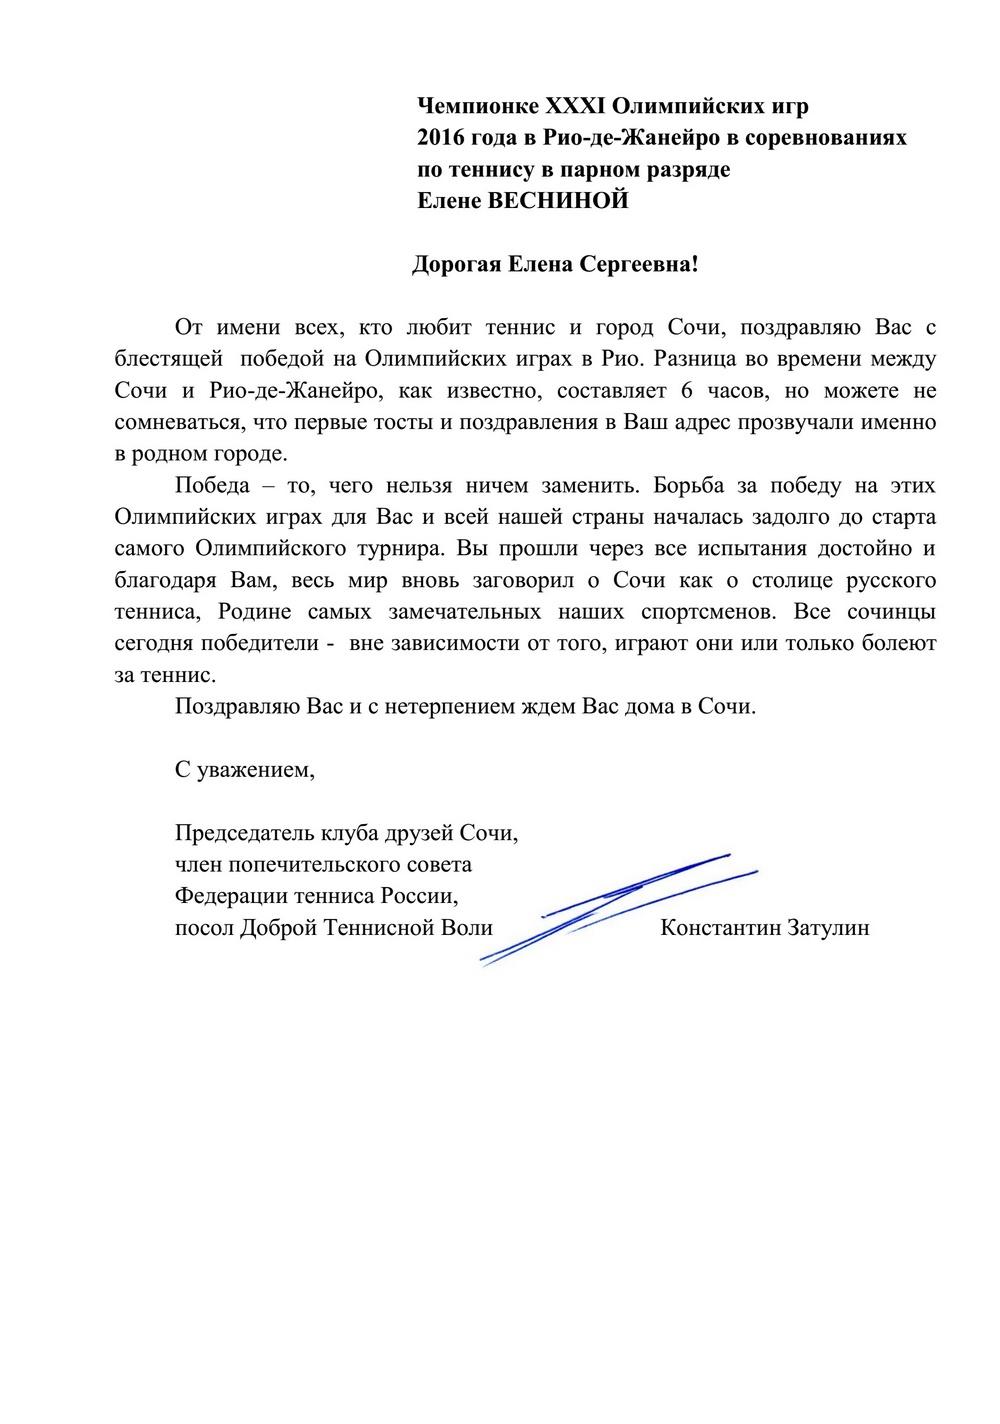 Затулин поздравил Елену Веснину с золотой медалью